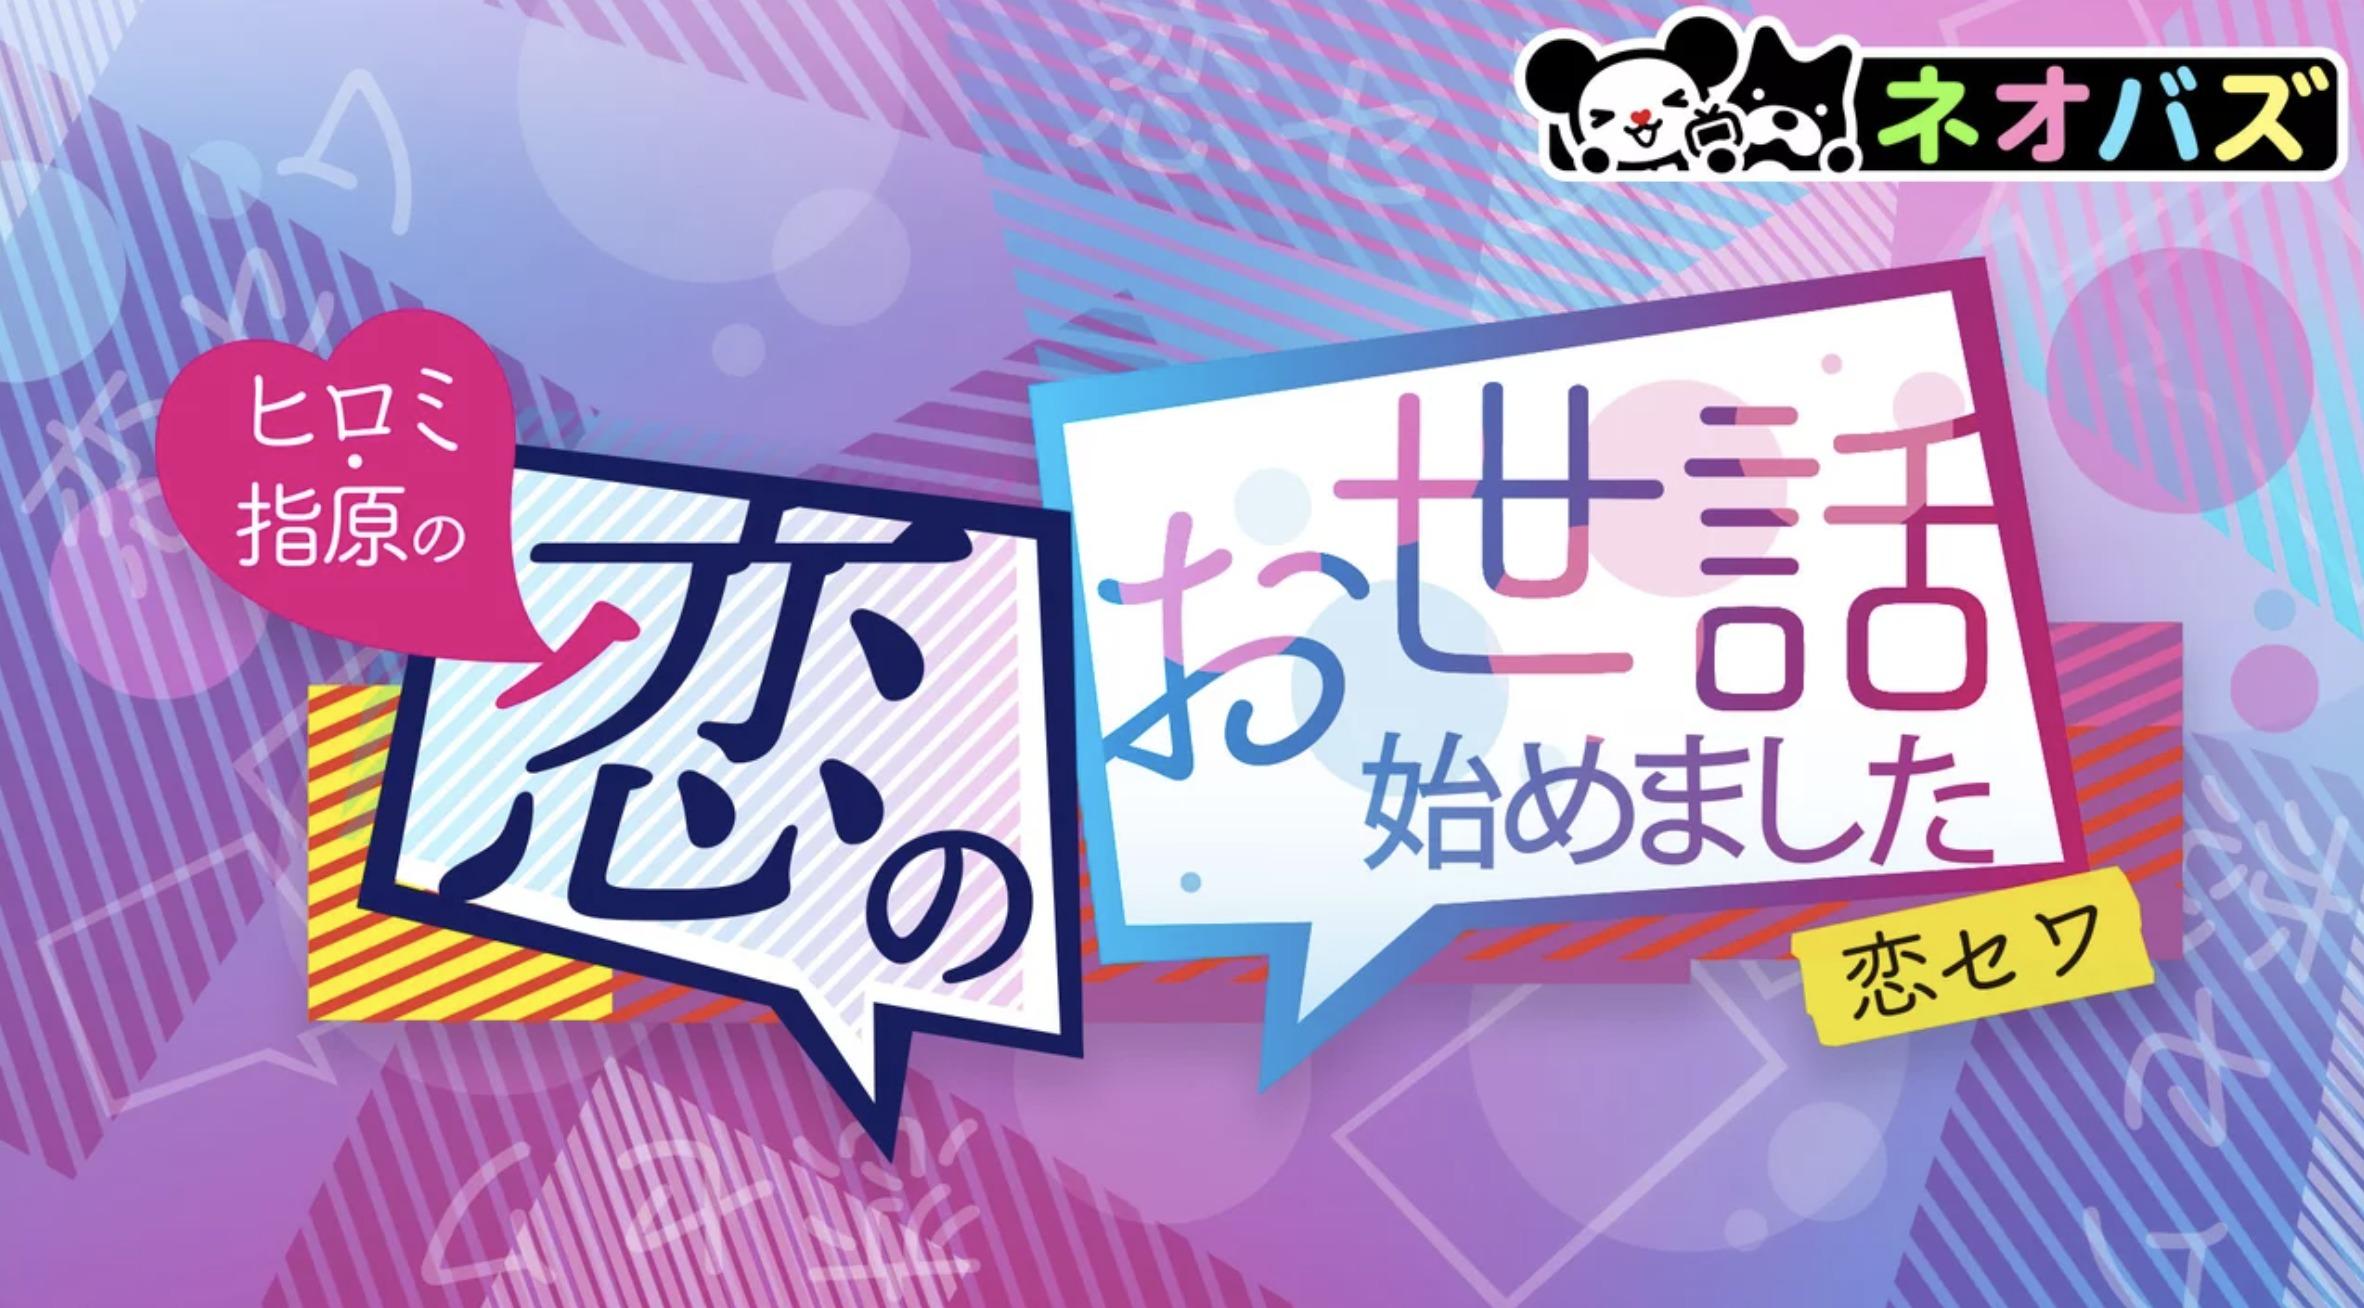 ヒロミ・指原の恋のお世話始めました(恋セワ)10月29日の無料動画や見逃し配信をフル視聴する方法!